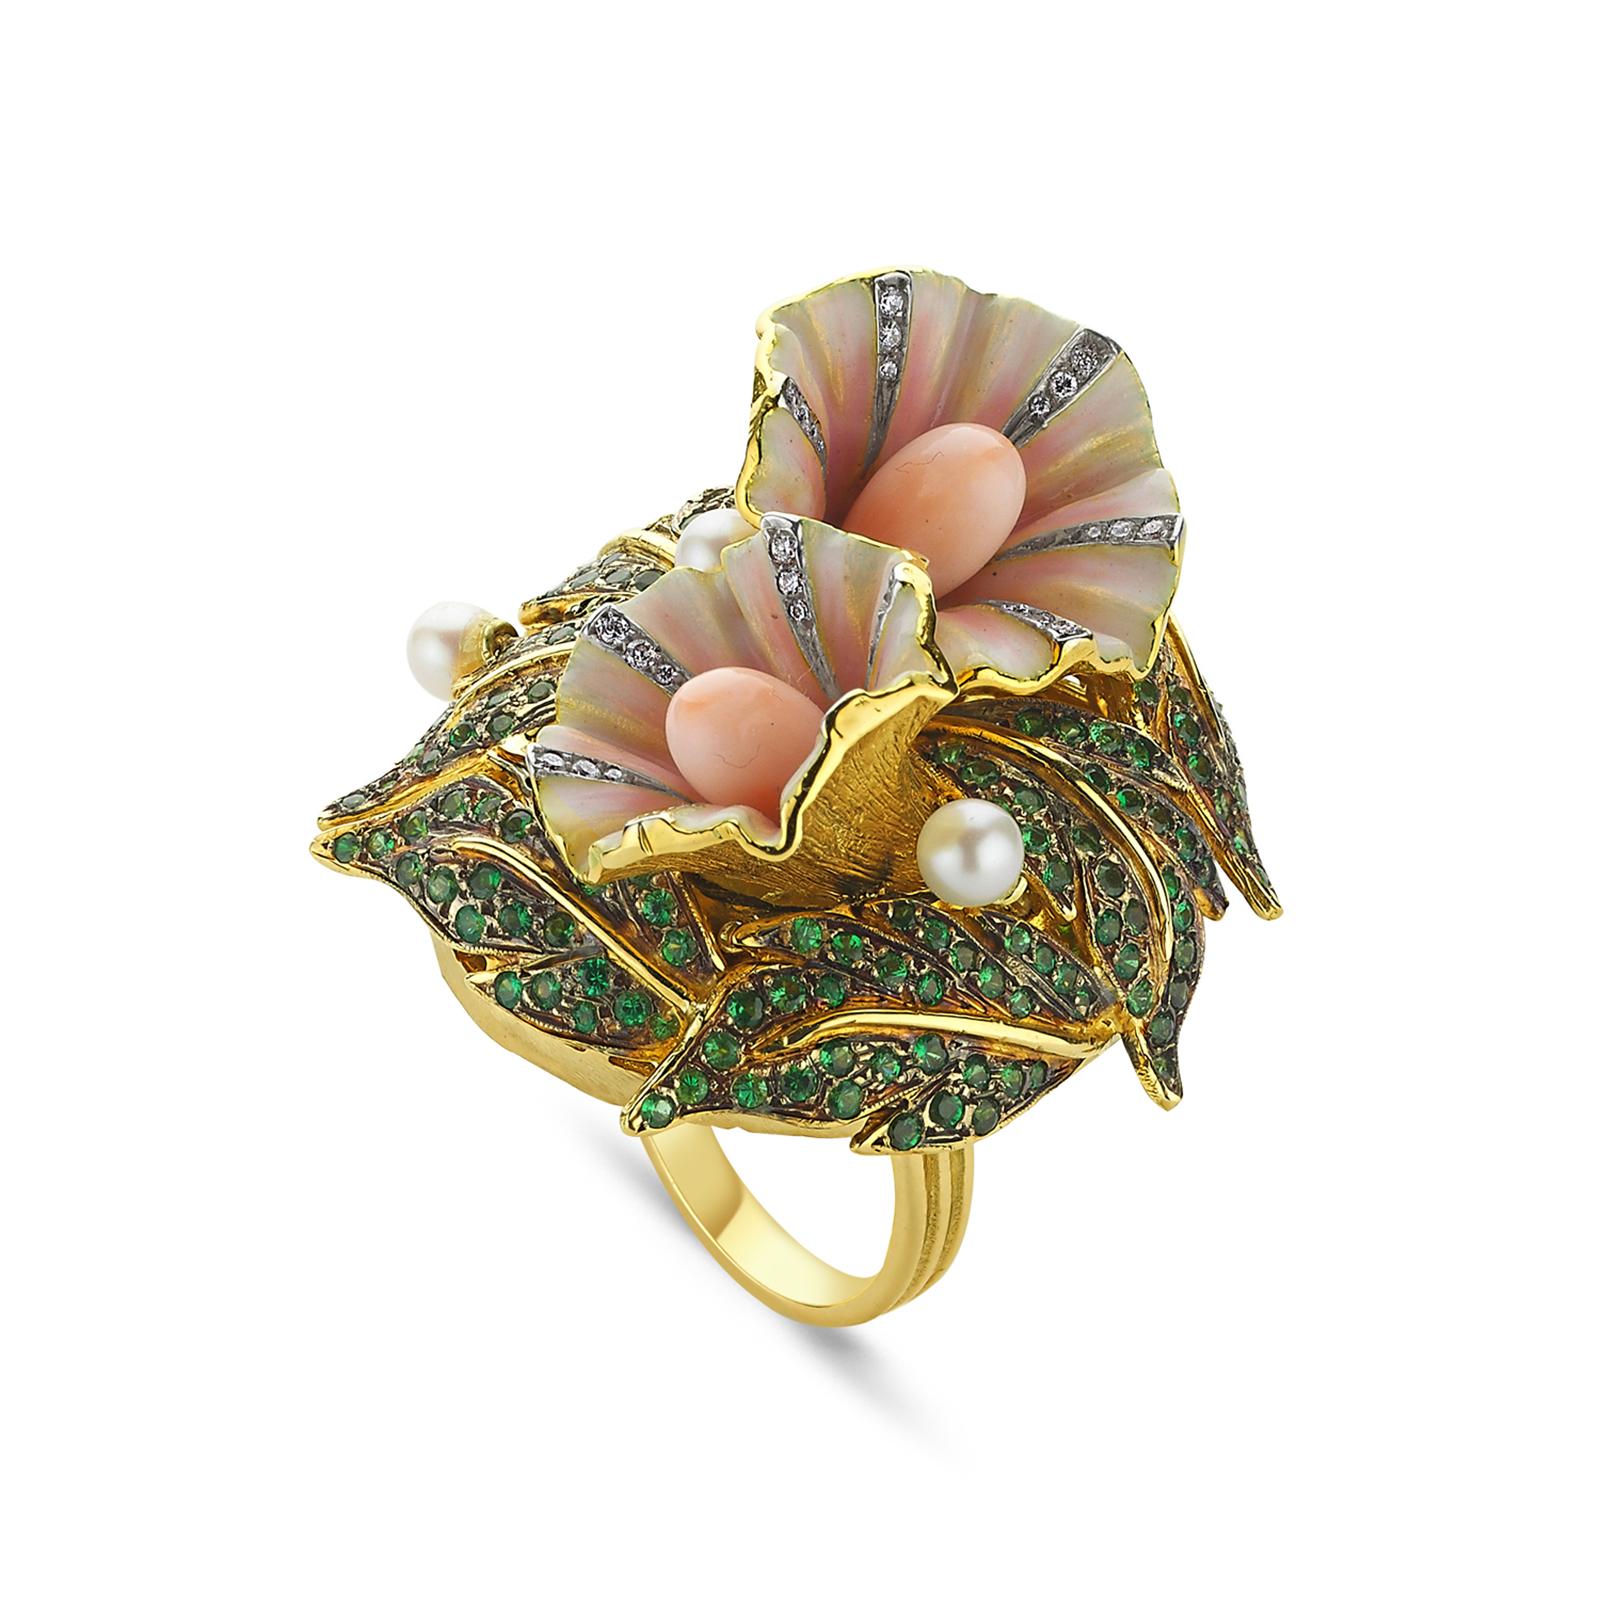 Sortija de Aida Bergsen, exclusiva de Reinhold Jewelers.